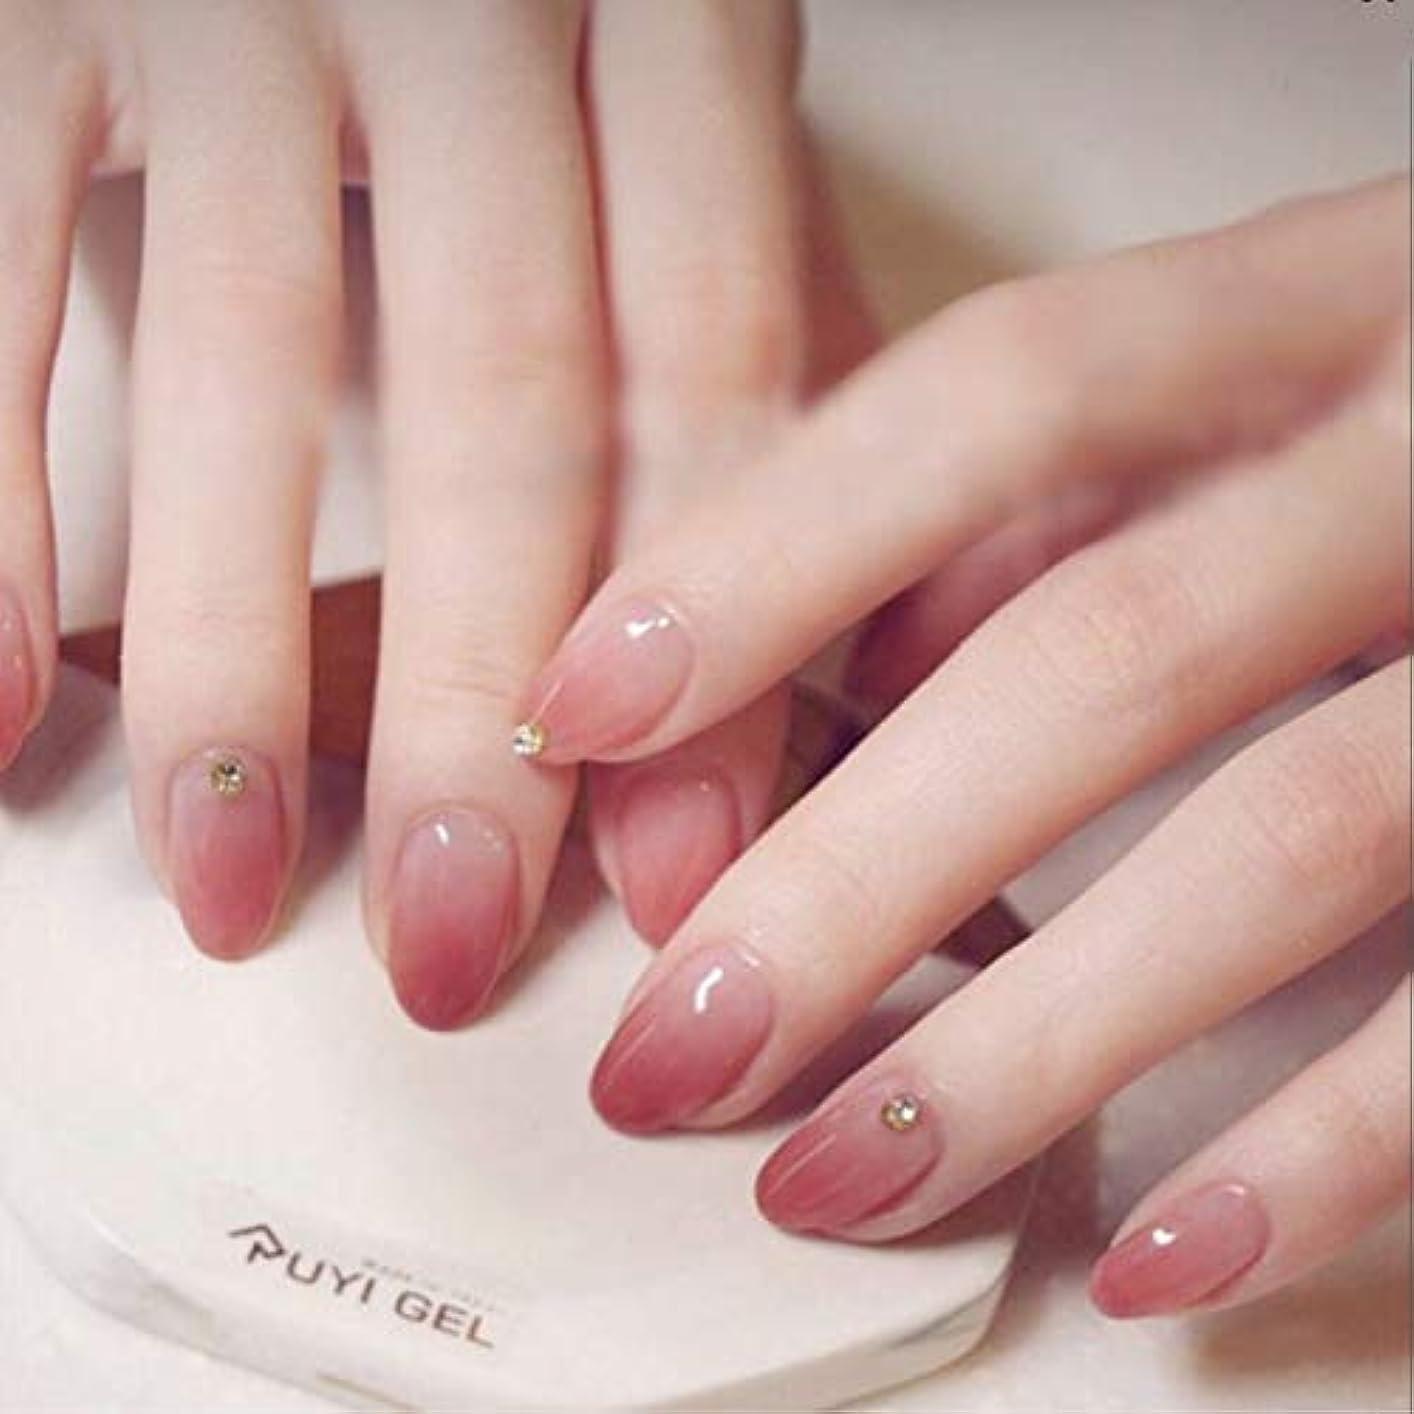 開業医昨日チーターミディアムサイズネイルチップ ピンク色変化ネイル ラインストーンが付き 手作りネイル ins風ネイル お嫁ネイル つけ爪